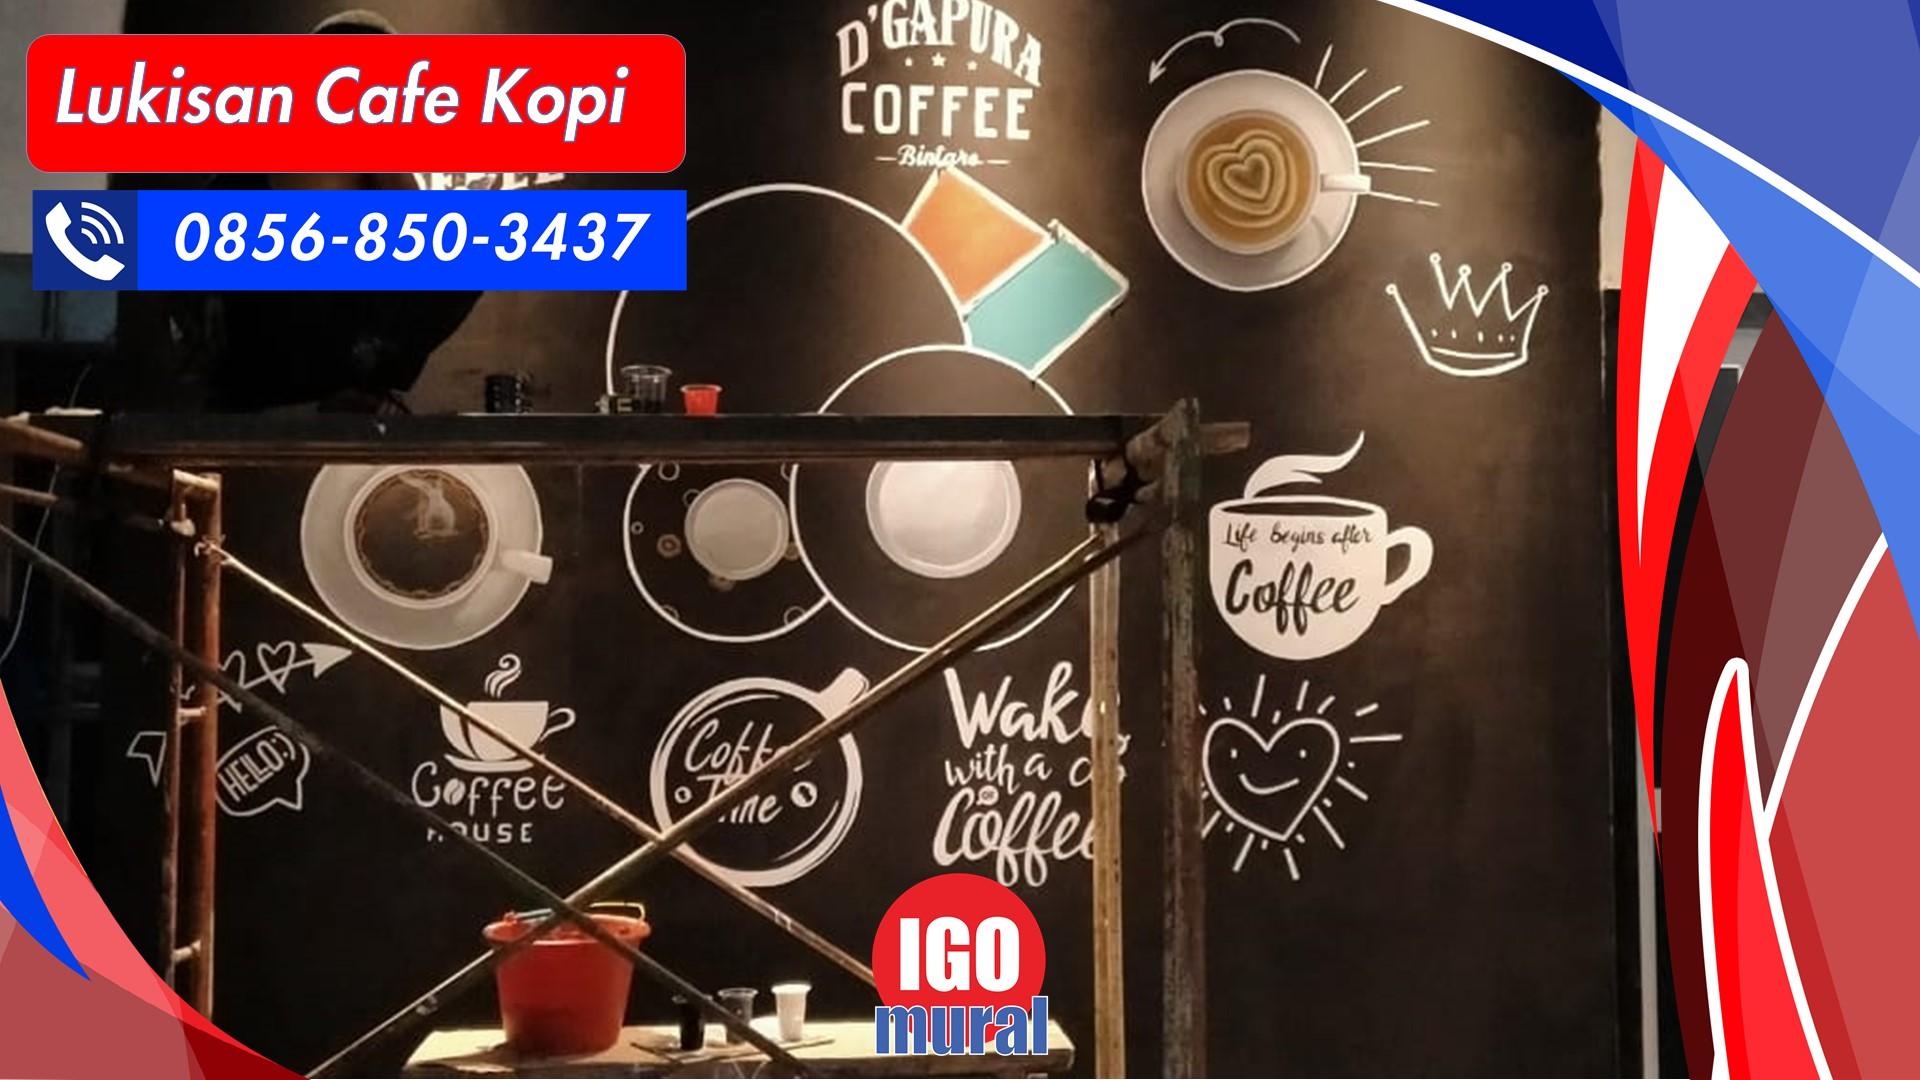 Lukisan Cafe Kopi